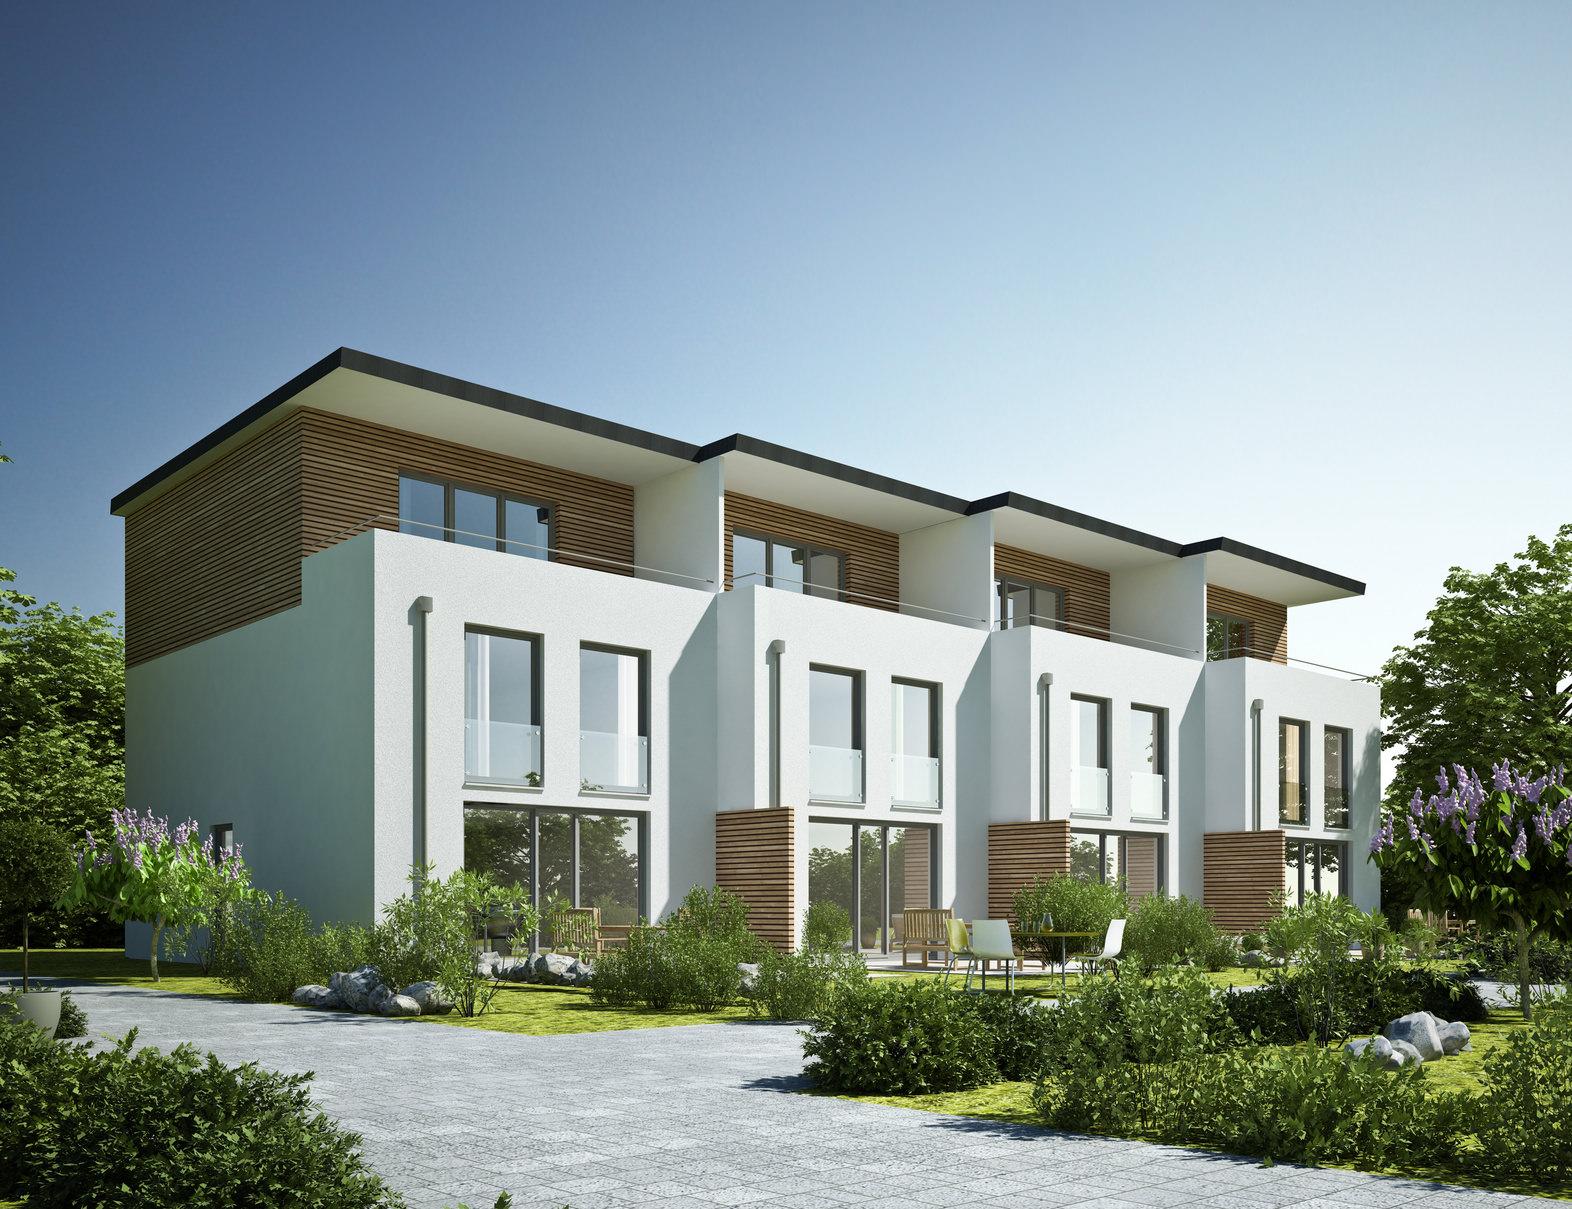 Mehrfamilienhaus Anlage in Reihenhaus Form